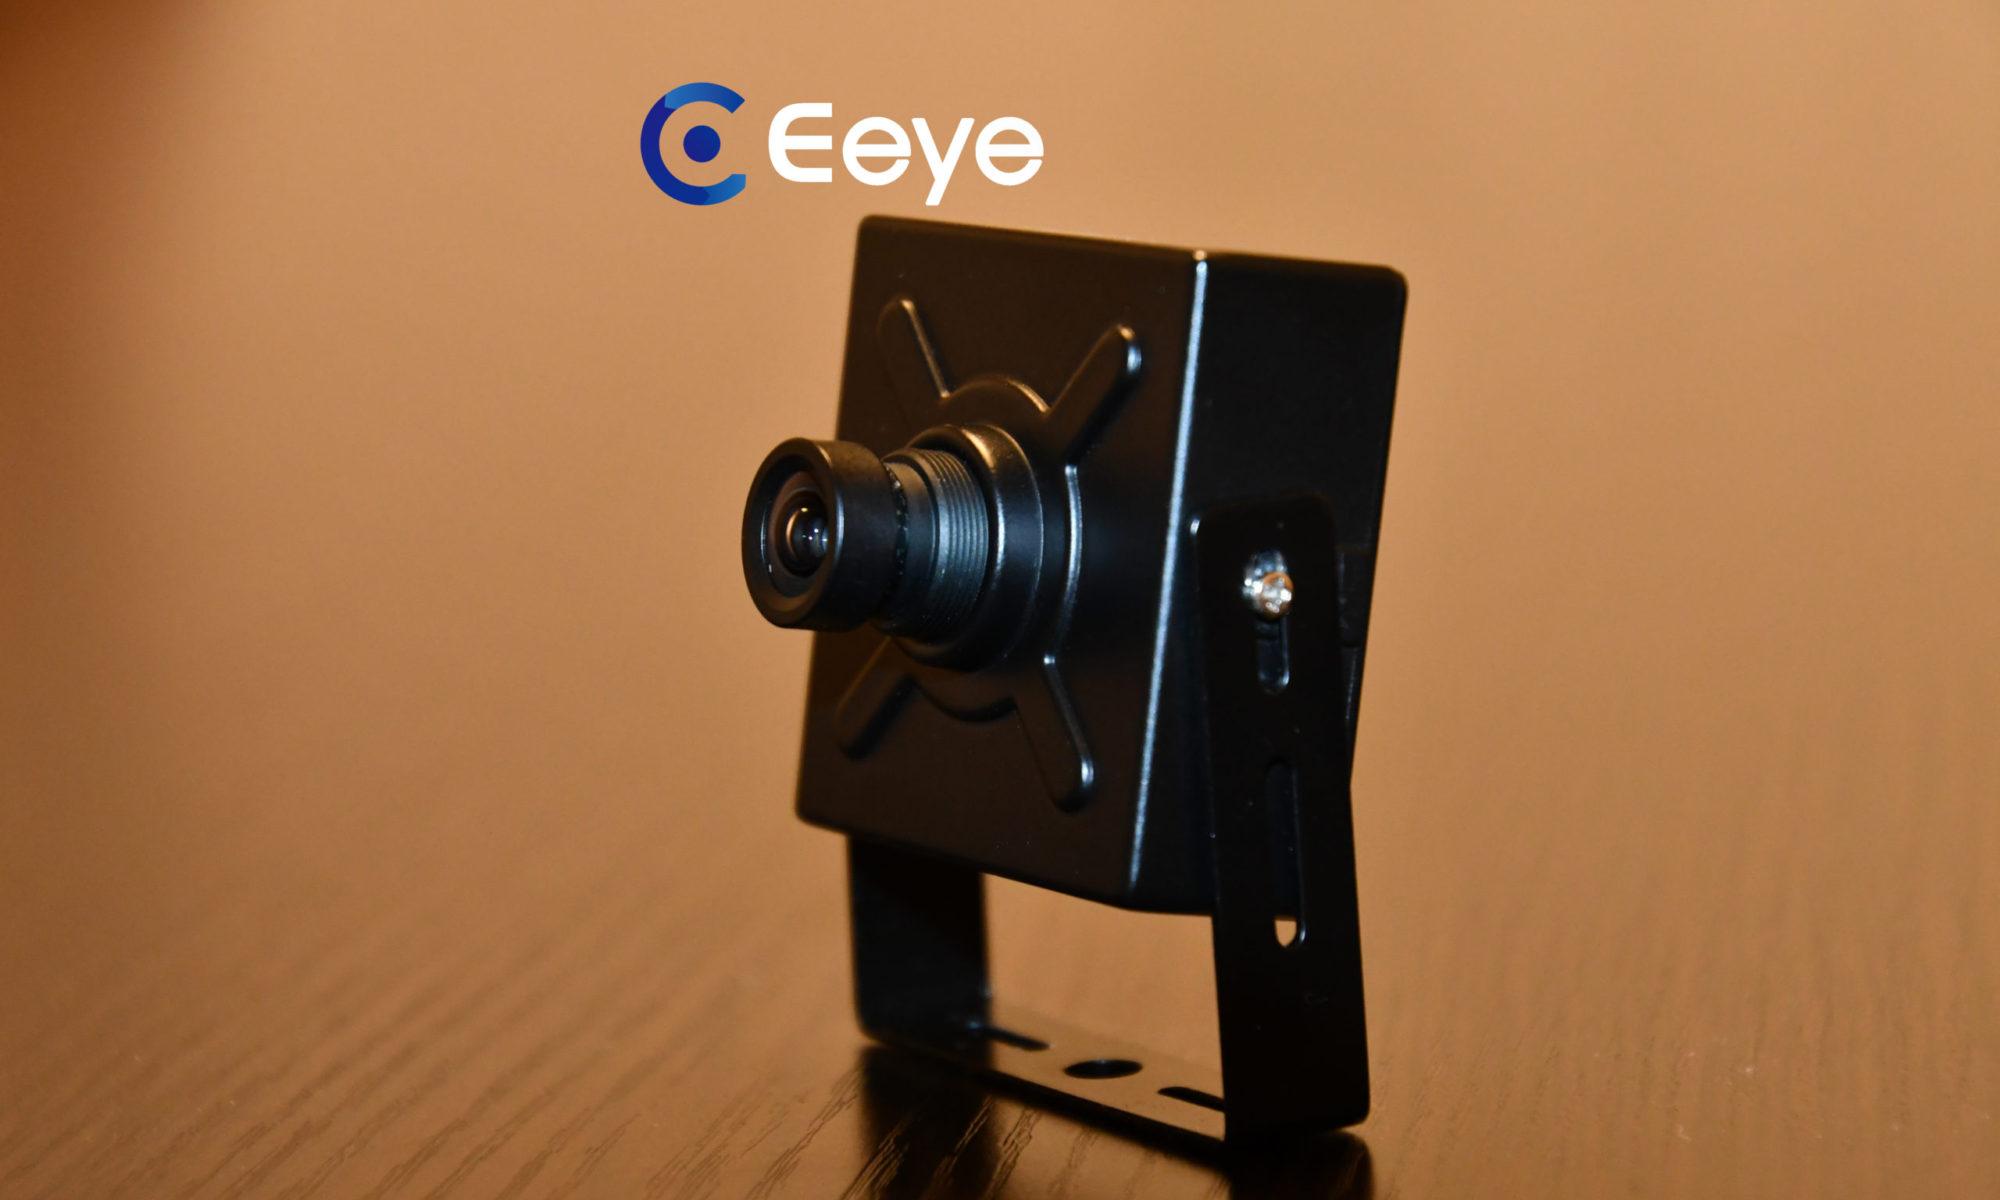 AIエッジ解析カメラ「Eeye」